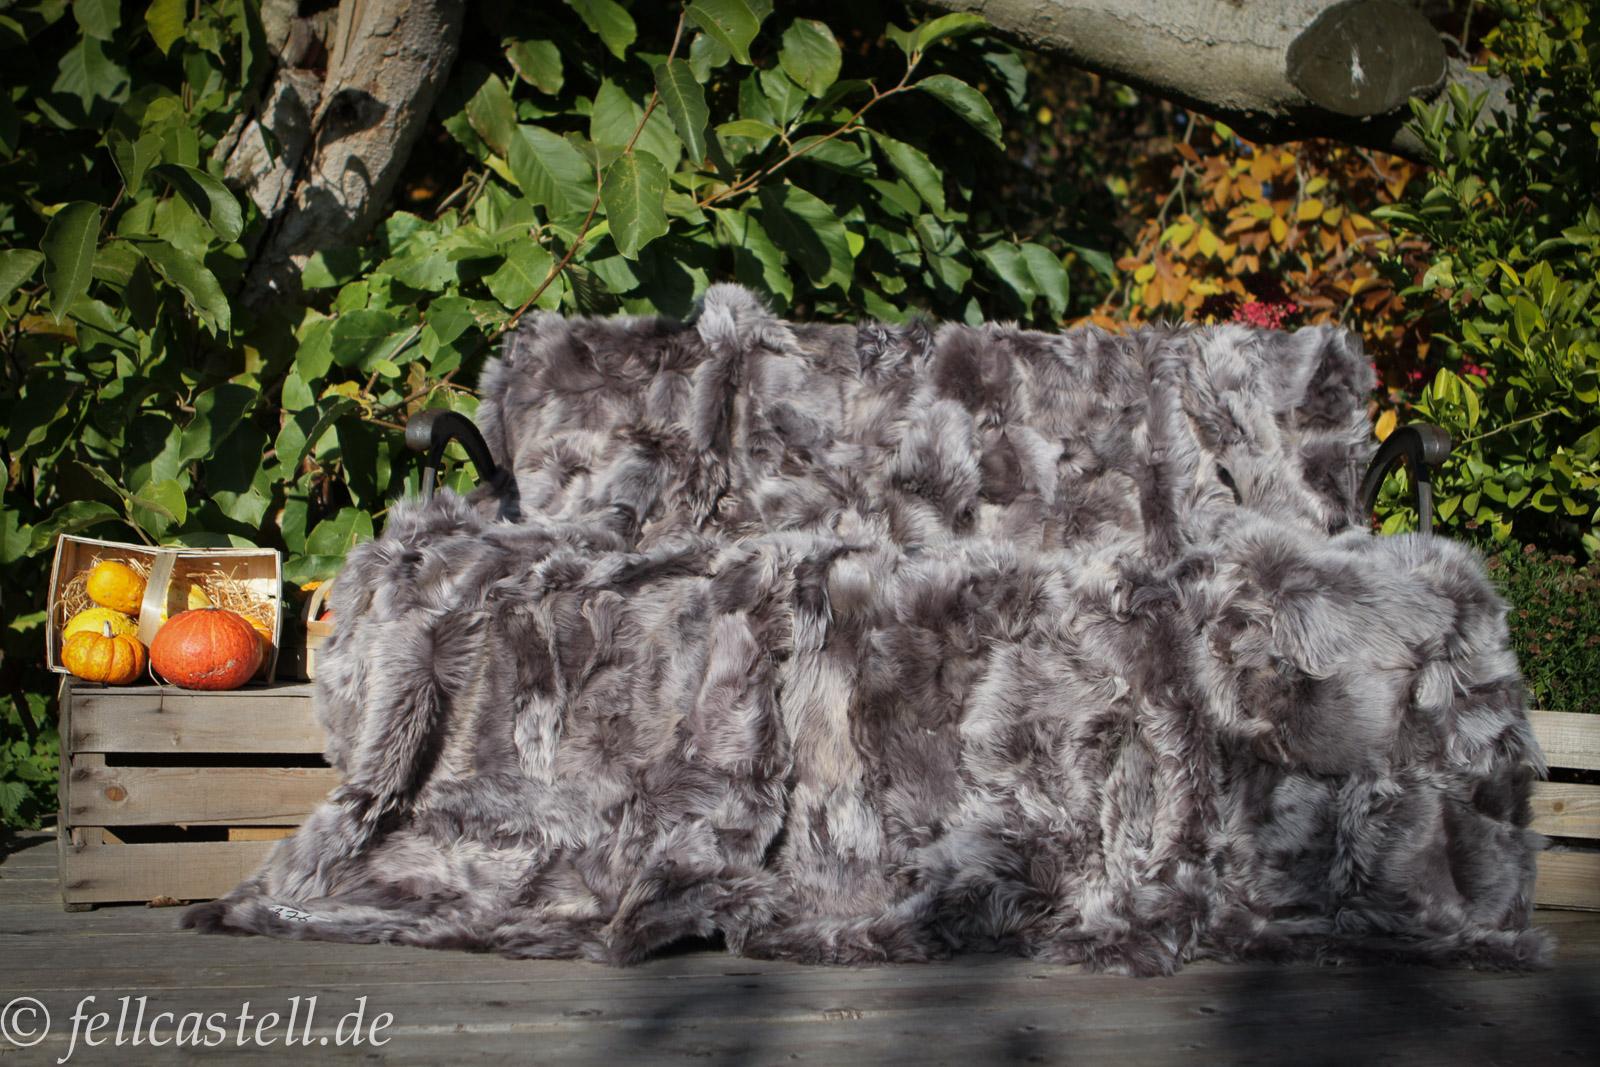 Toscana Lammfelldecke 210x200 cm Taupe / Snow Tops abgefüttert Patchwork